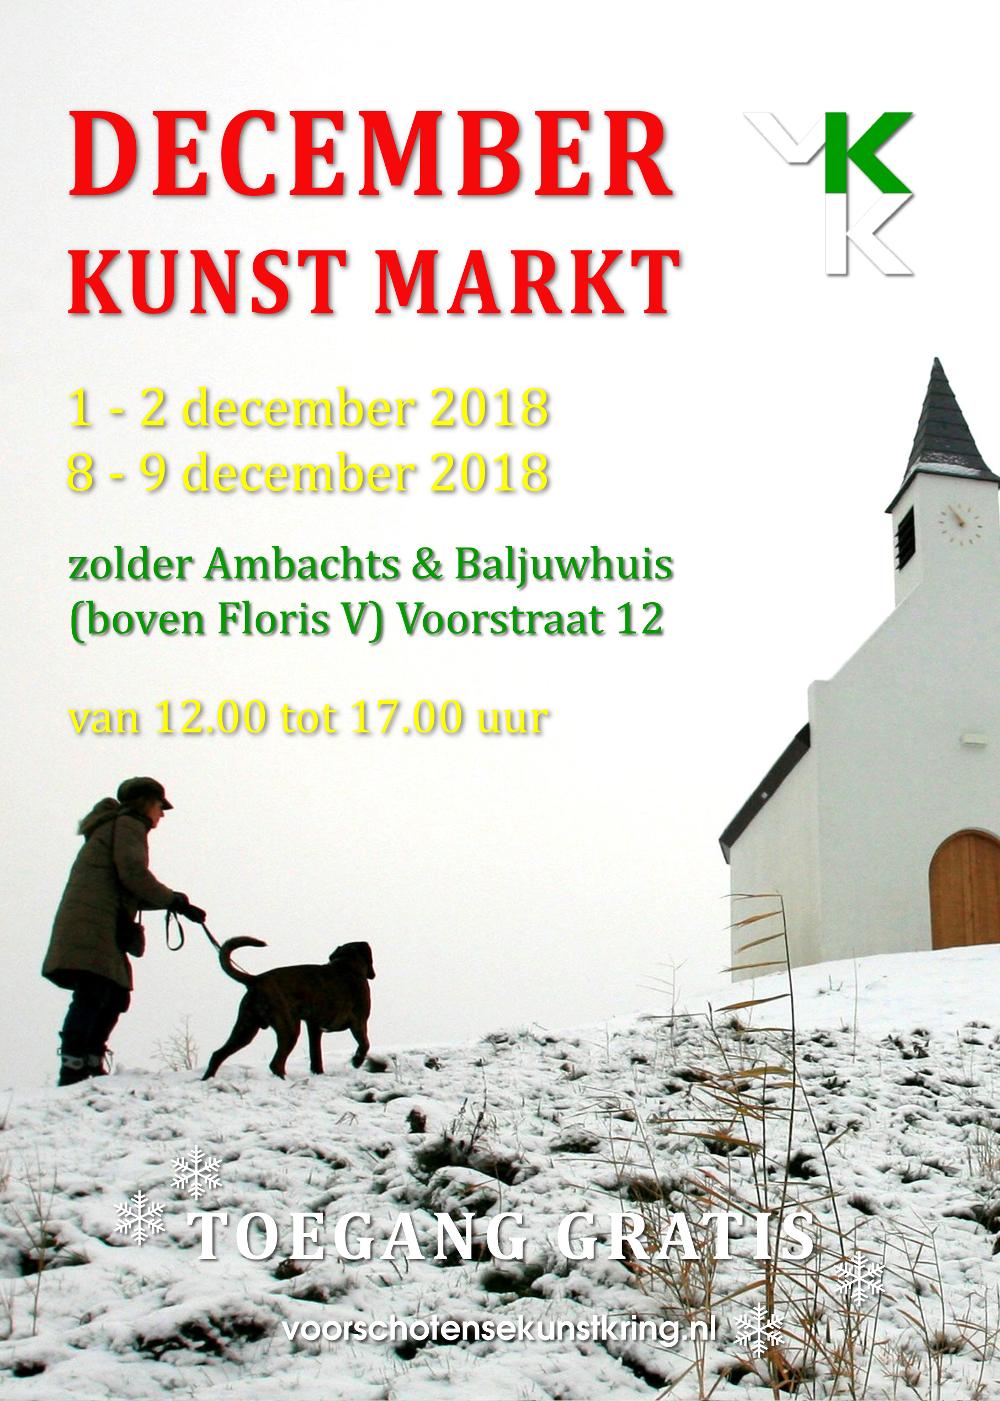 Kerstkunstmarkt 2018